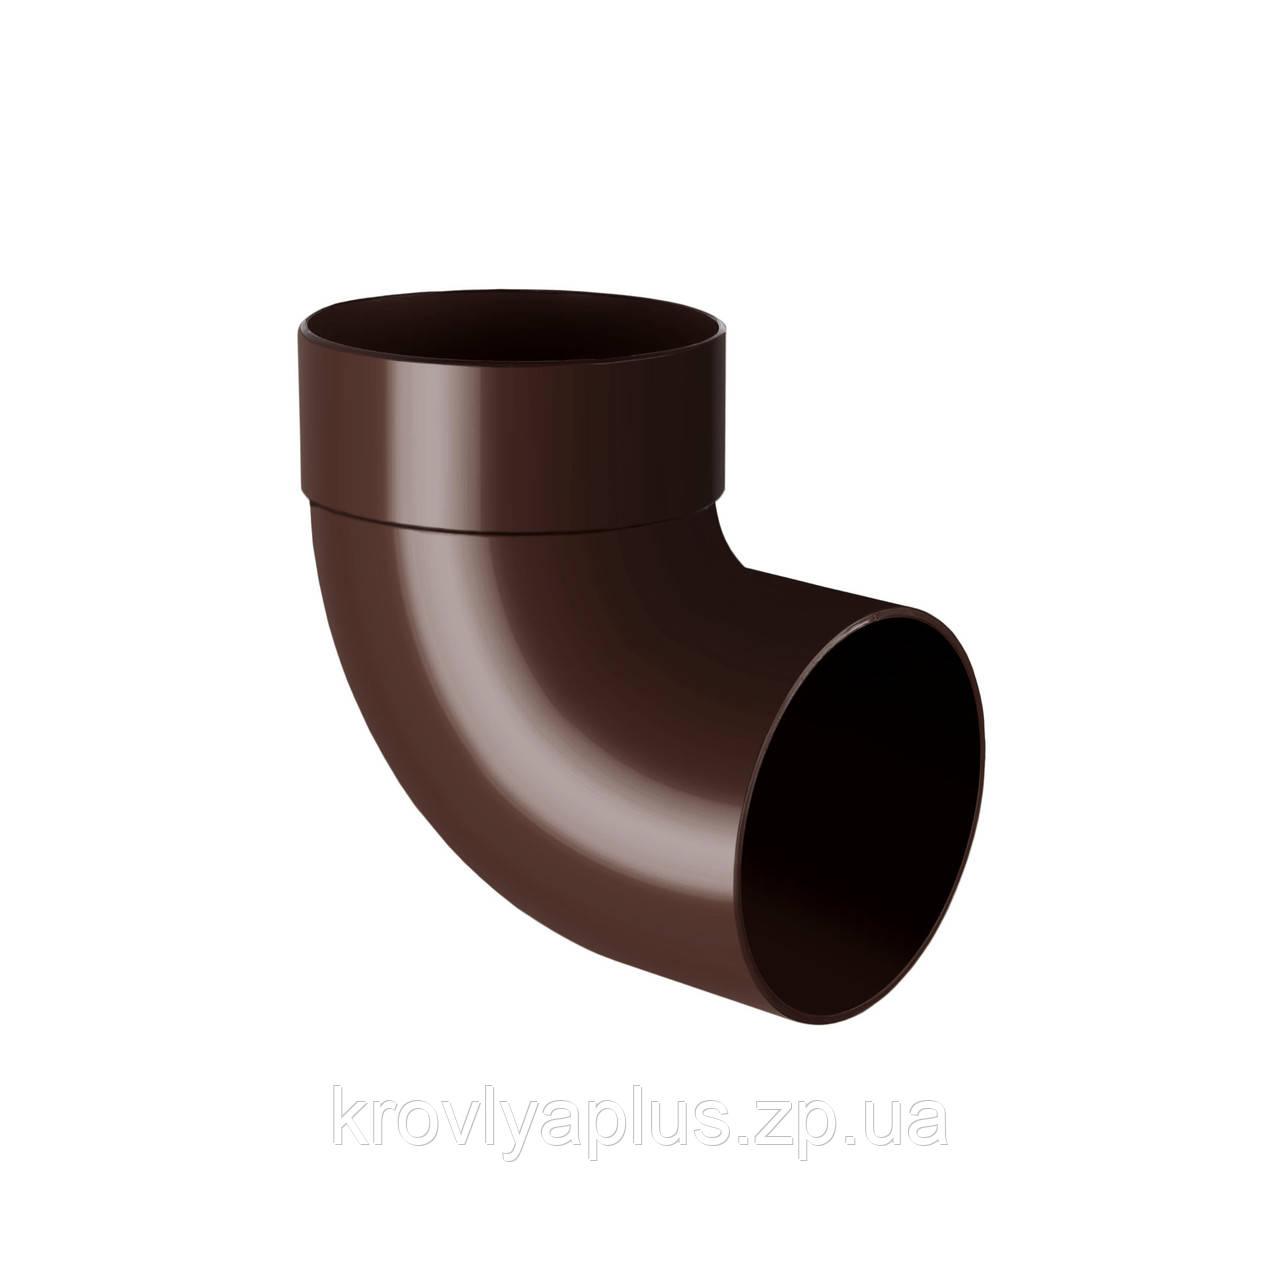 Колено трубы, отвод одномуфтовый 87° Ø100 (Rainway, Украина), коричневый.